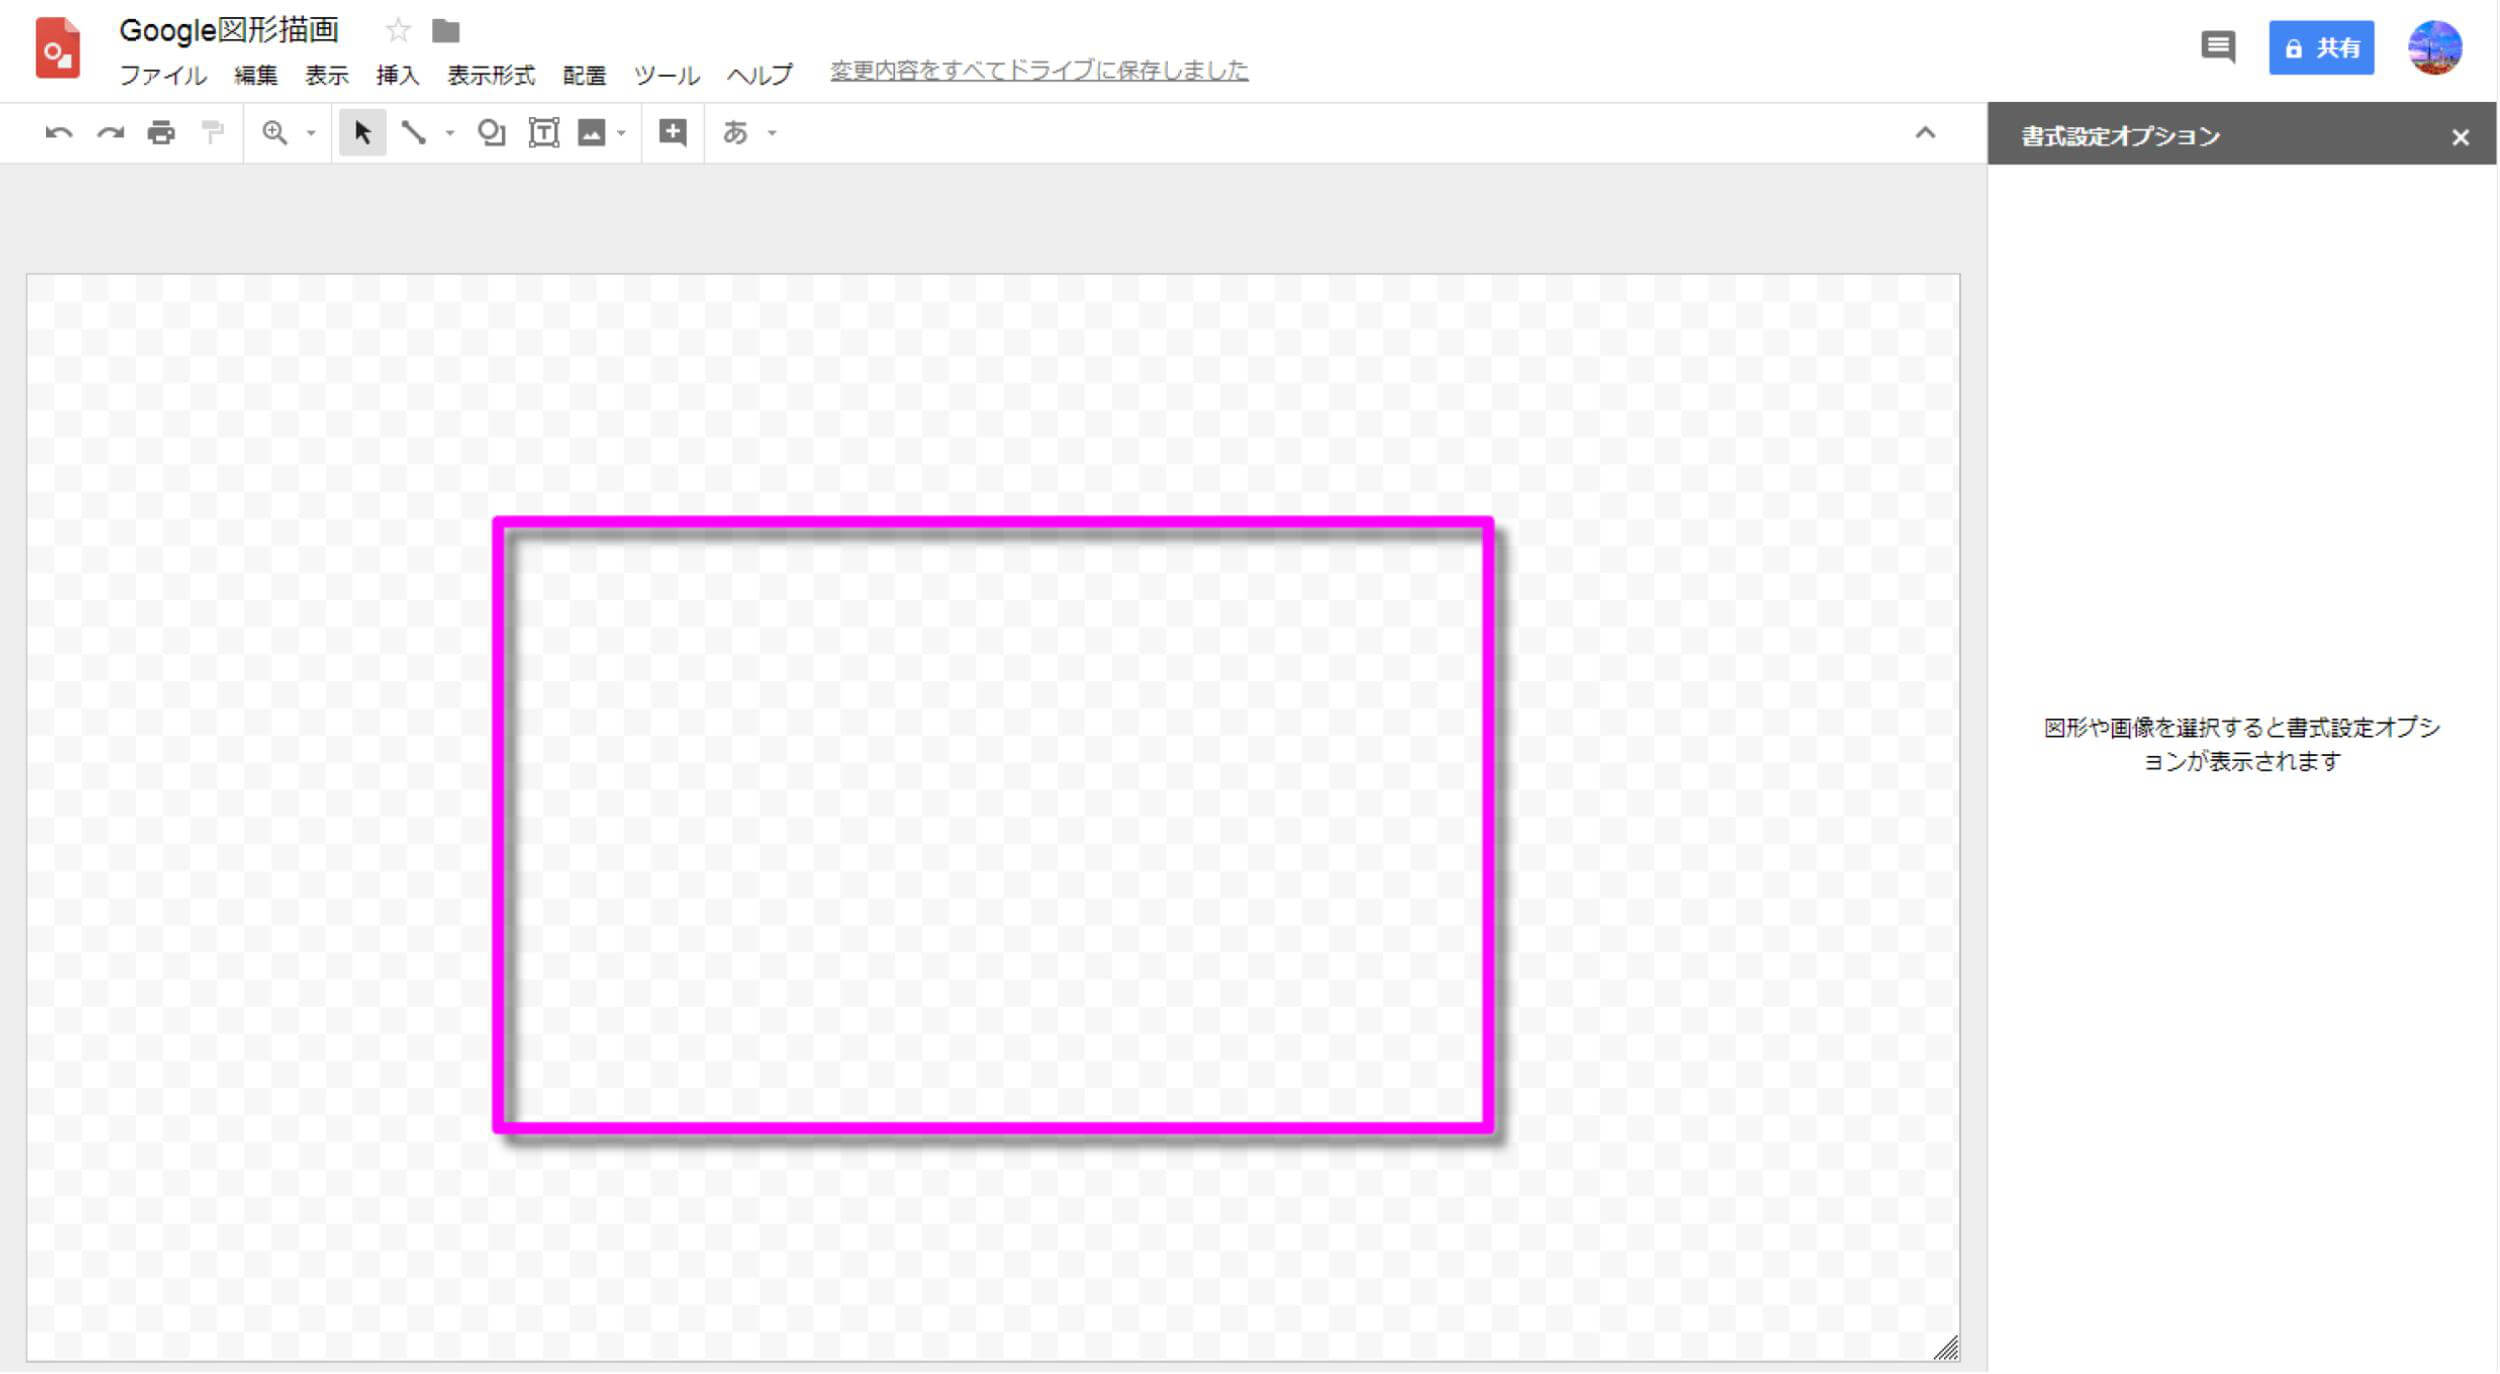 Google図形描画の使い方 いい感じの影の付け方2つめ